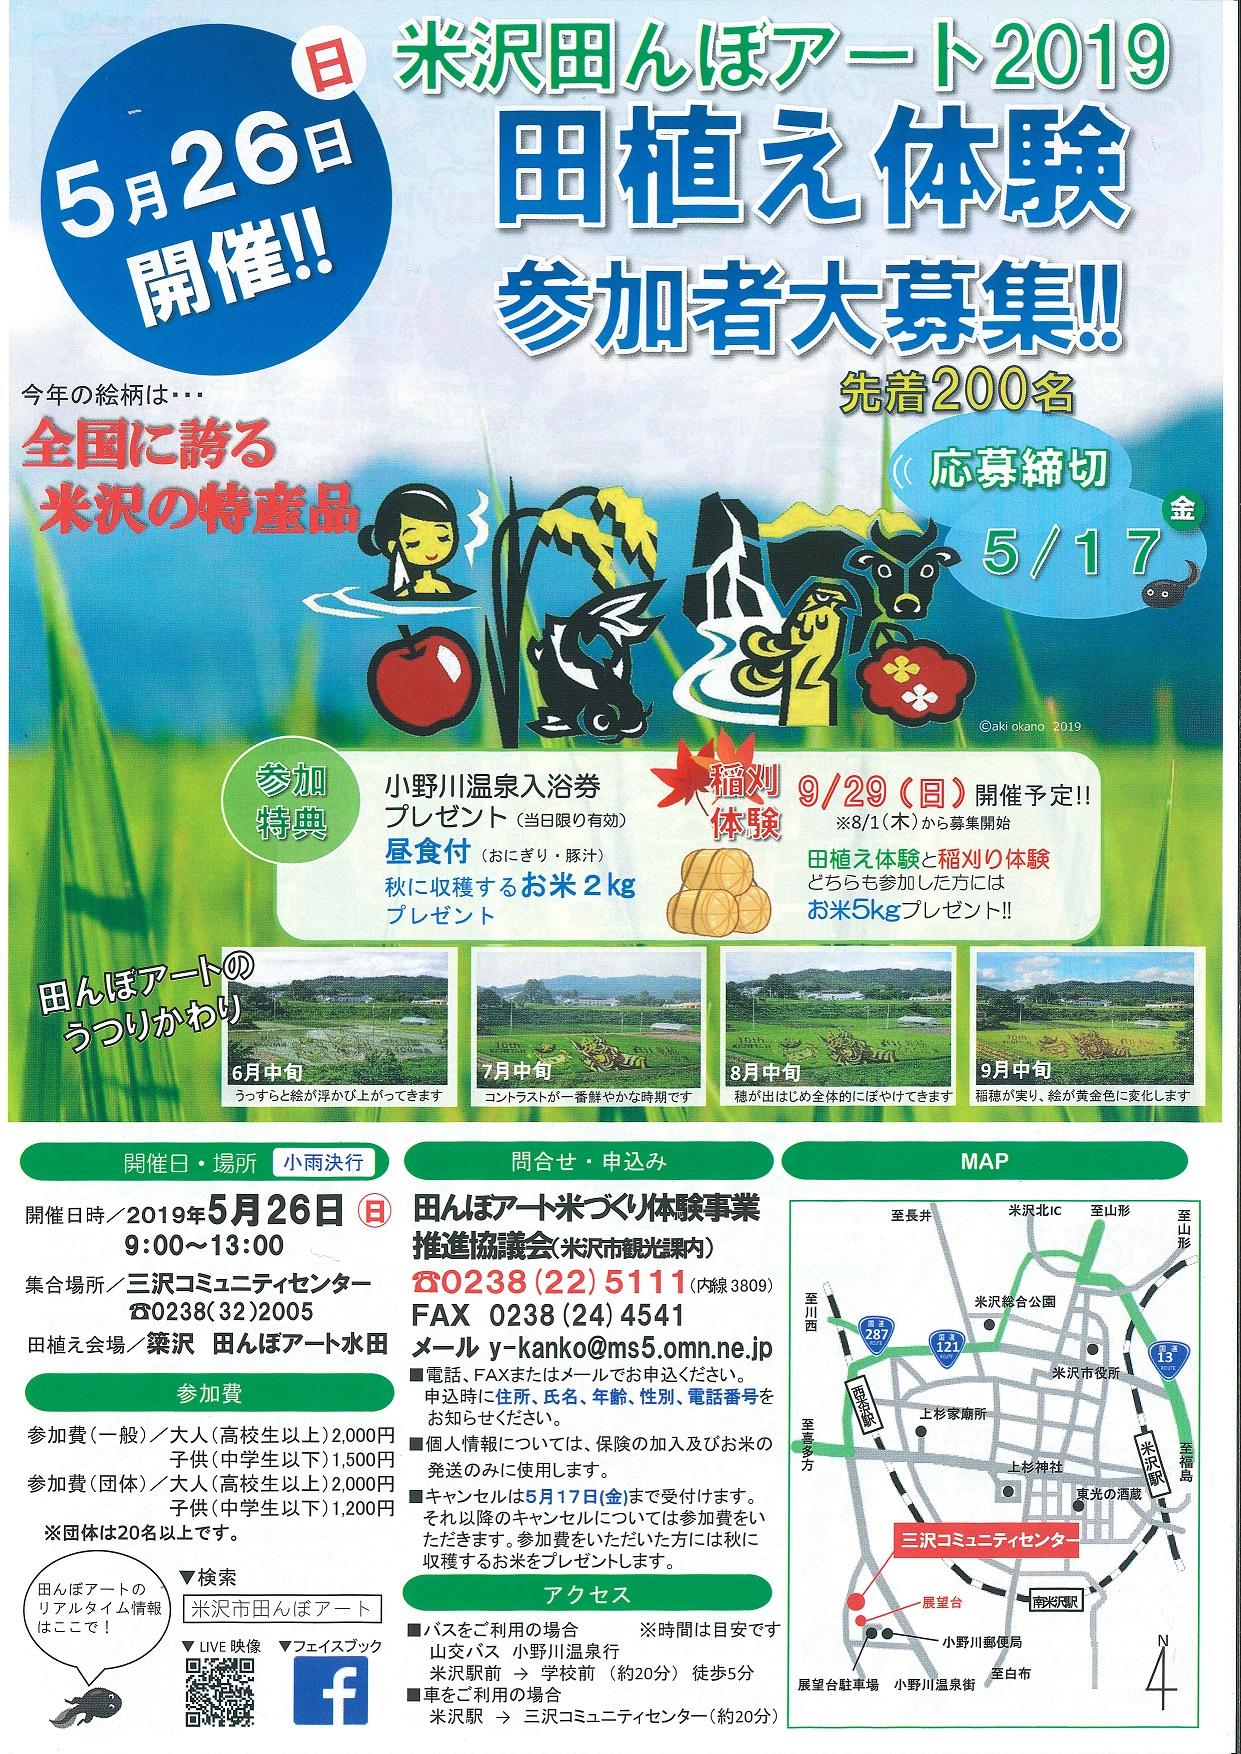 田んぼアート2019 田植え体験実施!参加者大募集!:画像